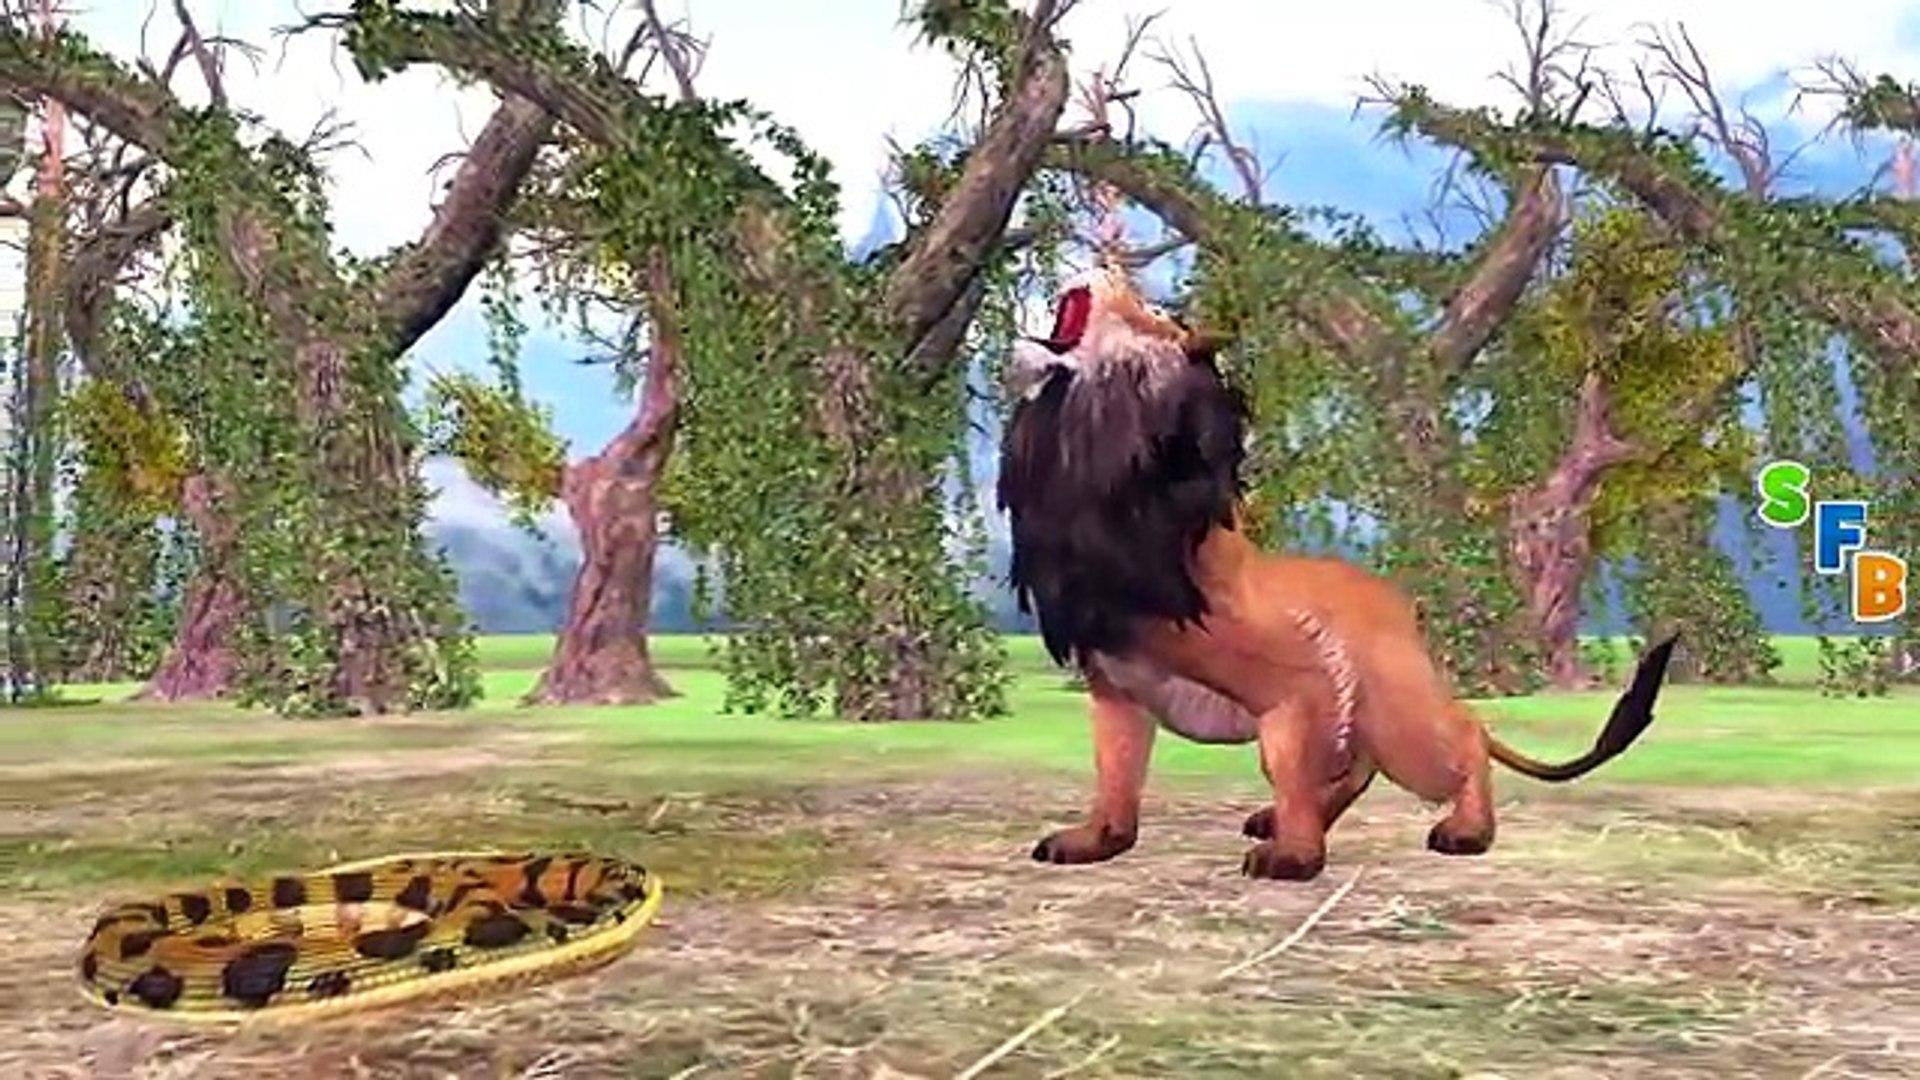 Самые Удивительные Дикие Животные Атаки | Динозавры Против Слона, Тигра, Льва, Гориллу, Сумасшедшая